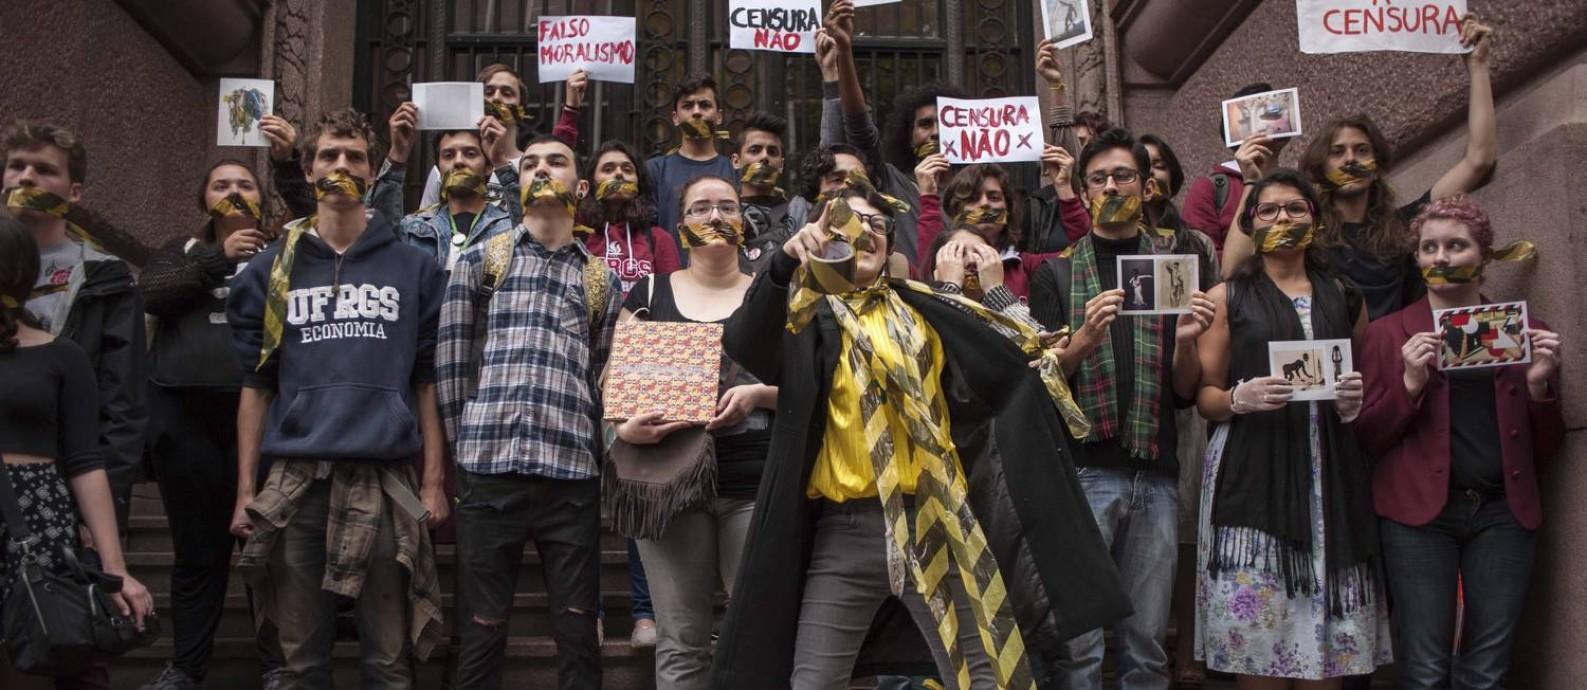 """No dia 12 de setembro, manifestantes pediram a reabertura da mostra """"Queermuseu"""" em frente ao Santander Cultural Foto: Cau Guebo/Raw Image/Agencia O Globo / Agência O Globo"""